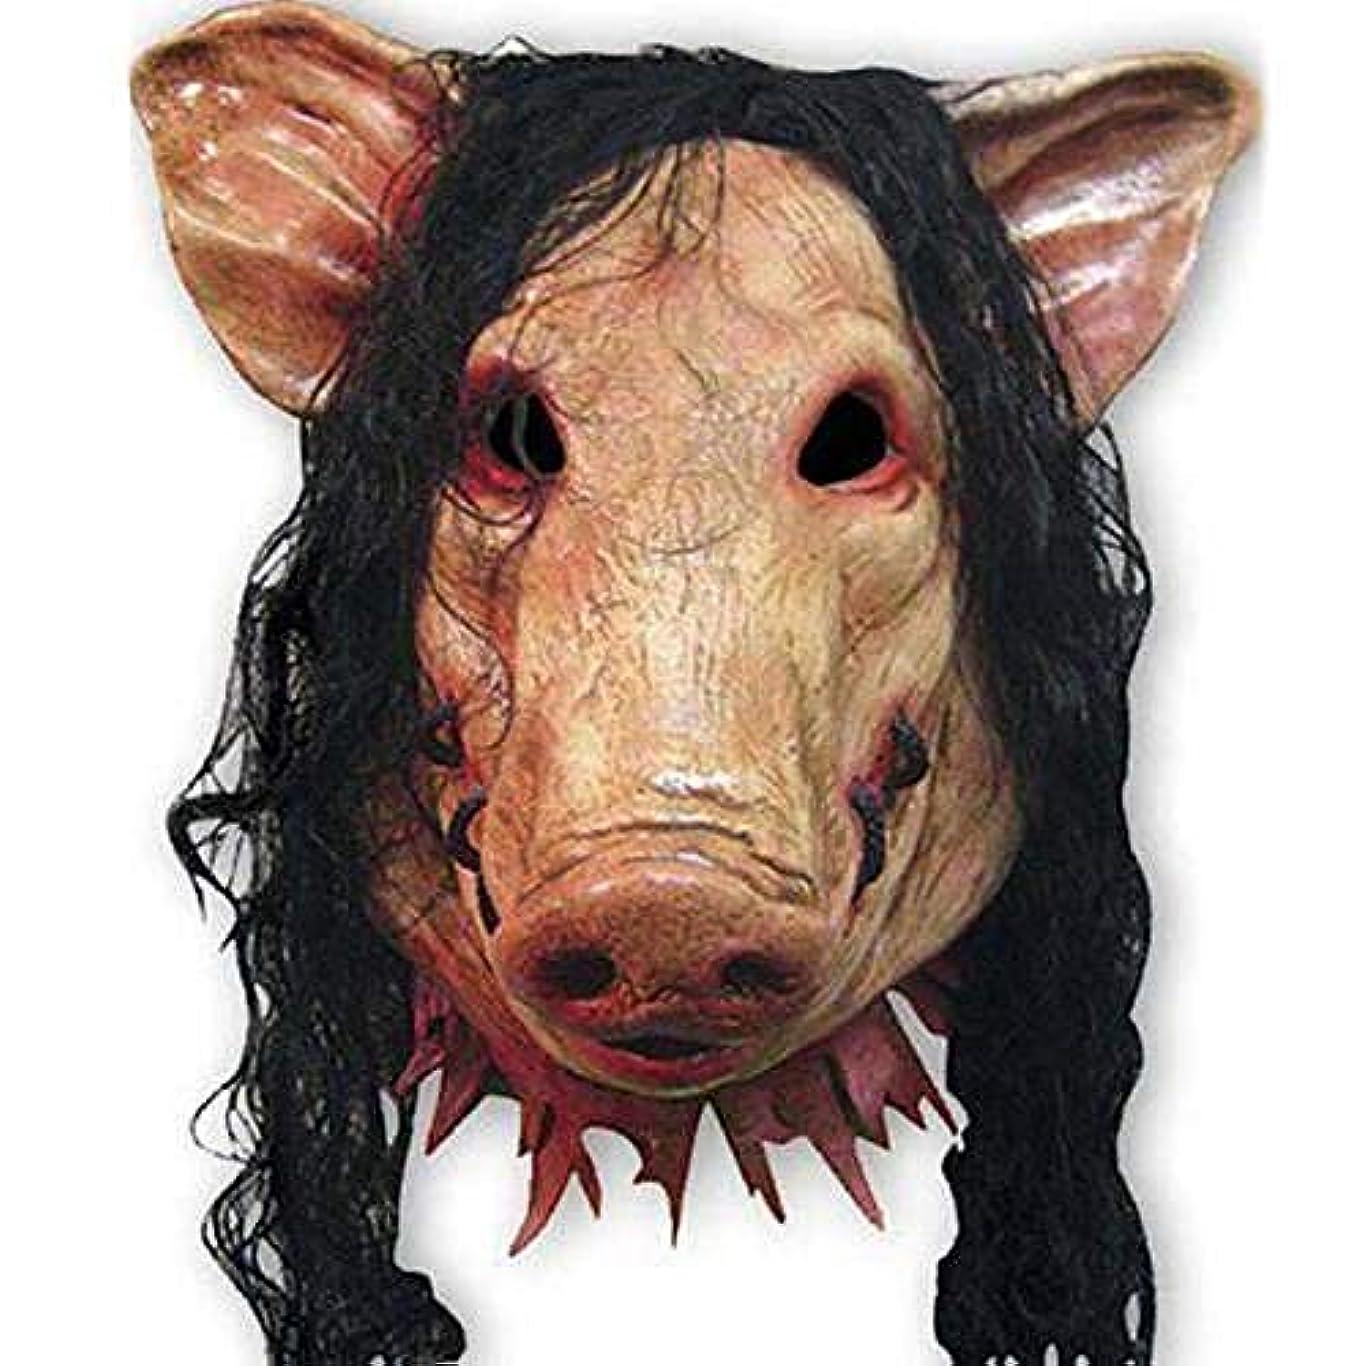 接触タンカー大陸ラテックス豚マスク-ハロウィンコスチュームボールコスチュームコスプレ、ユニセックス怖いマスク豚